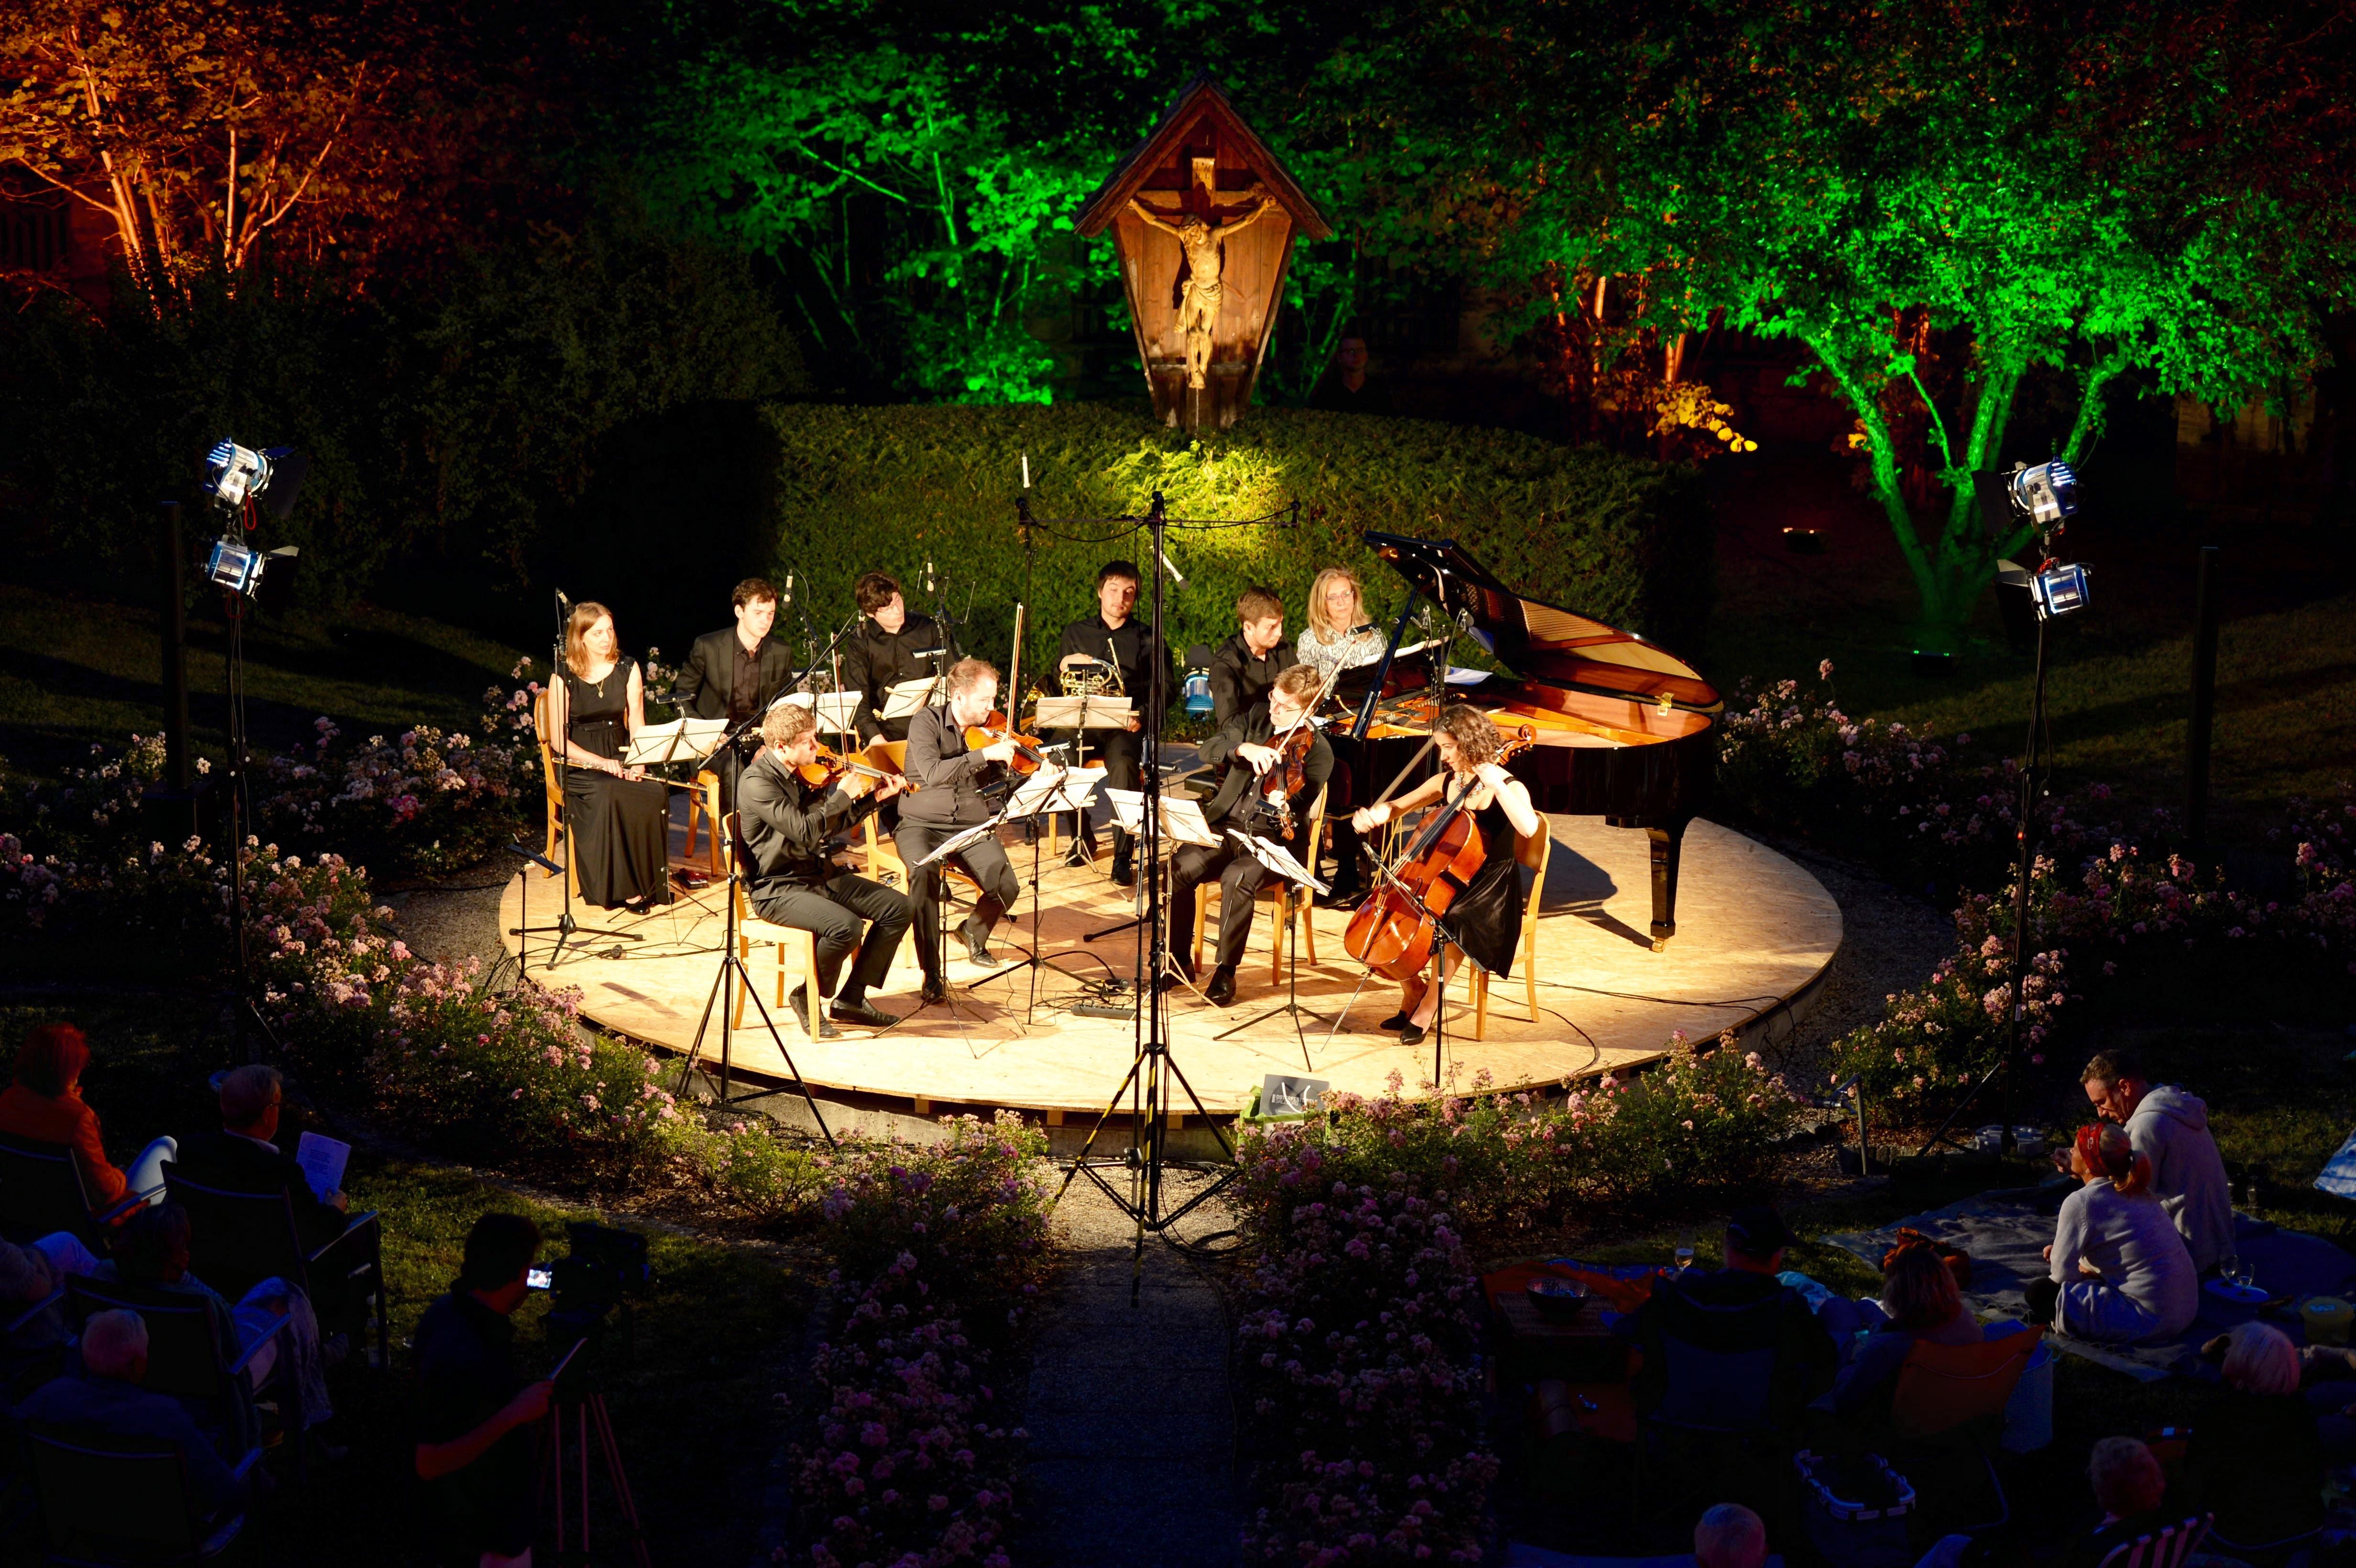 Ensemble 2012 der Russisch-Deutschen Musikakademie - Picknick mit Tschaikowsky